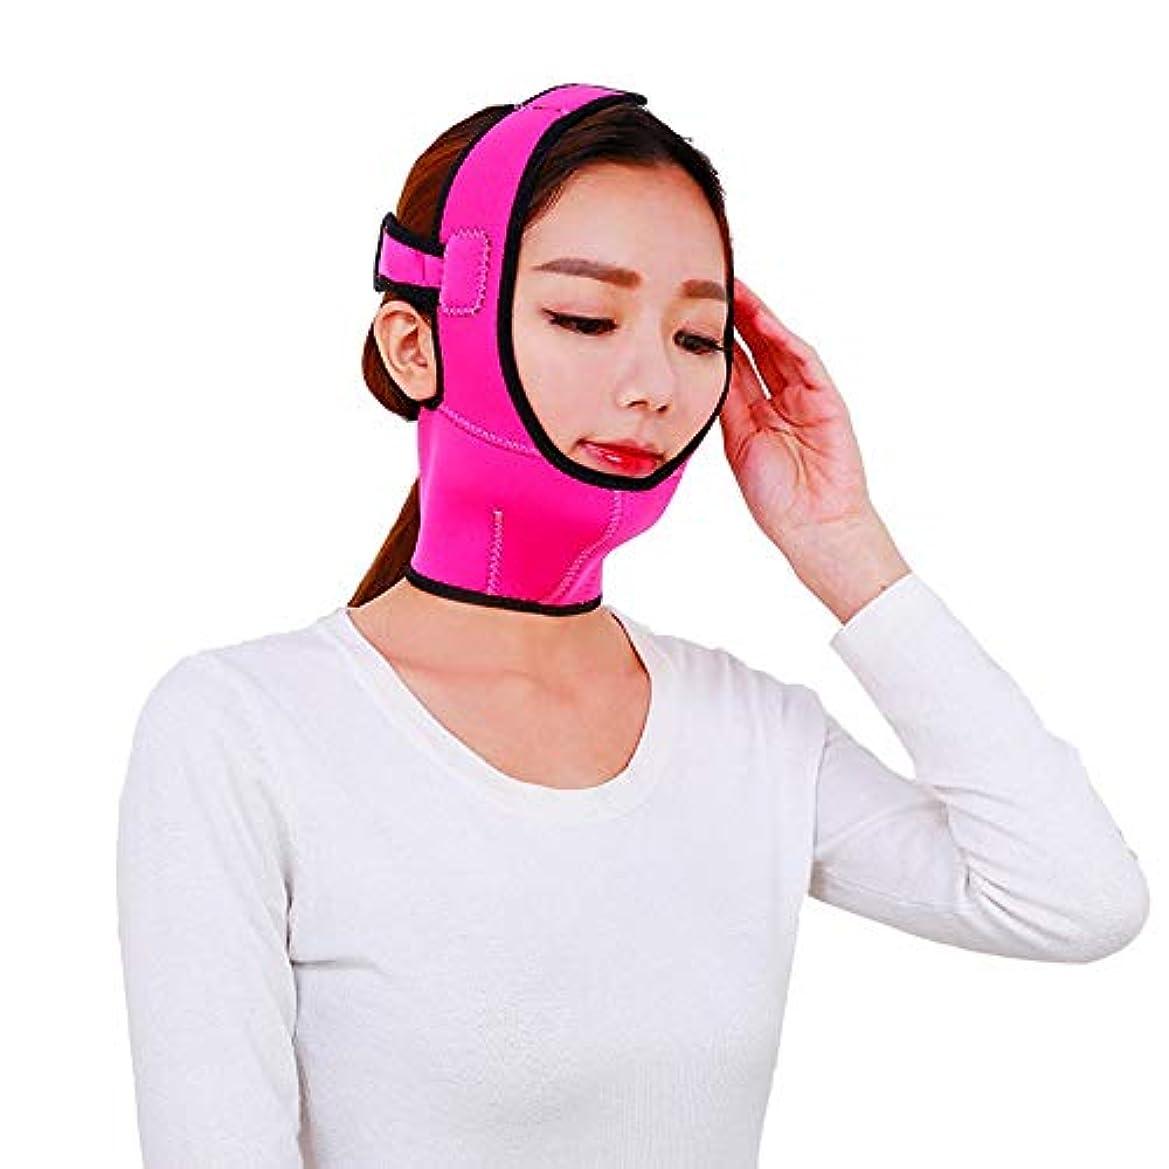 民兵歯痛変換顔を持ち上げるベルト通気性の顔面リフティング包帯ダブルチン顔面リフティングマスクを締めるV顔面顔面リフレッシングツール